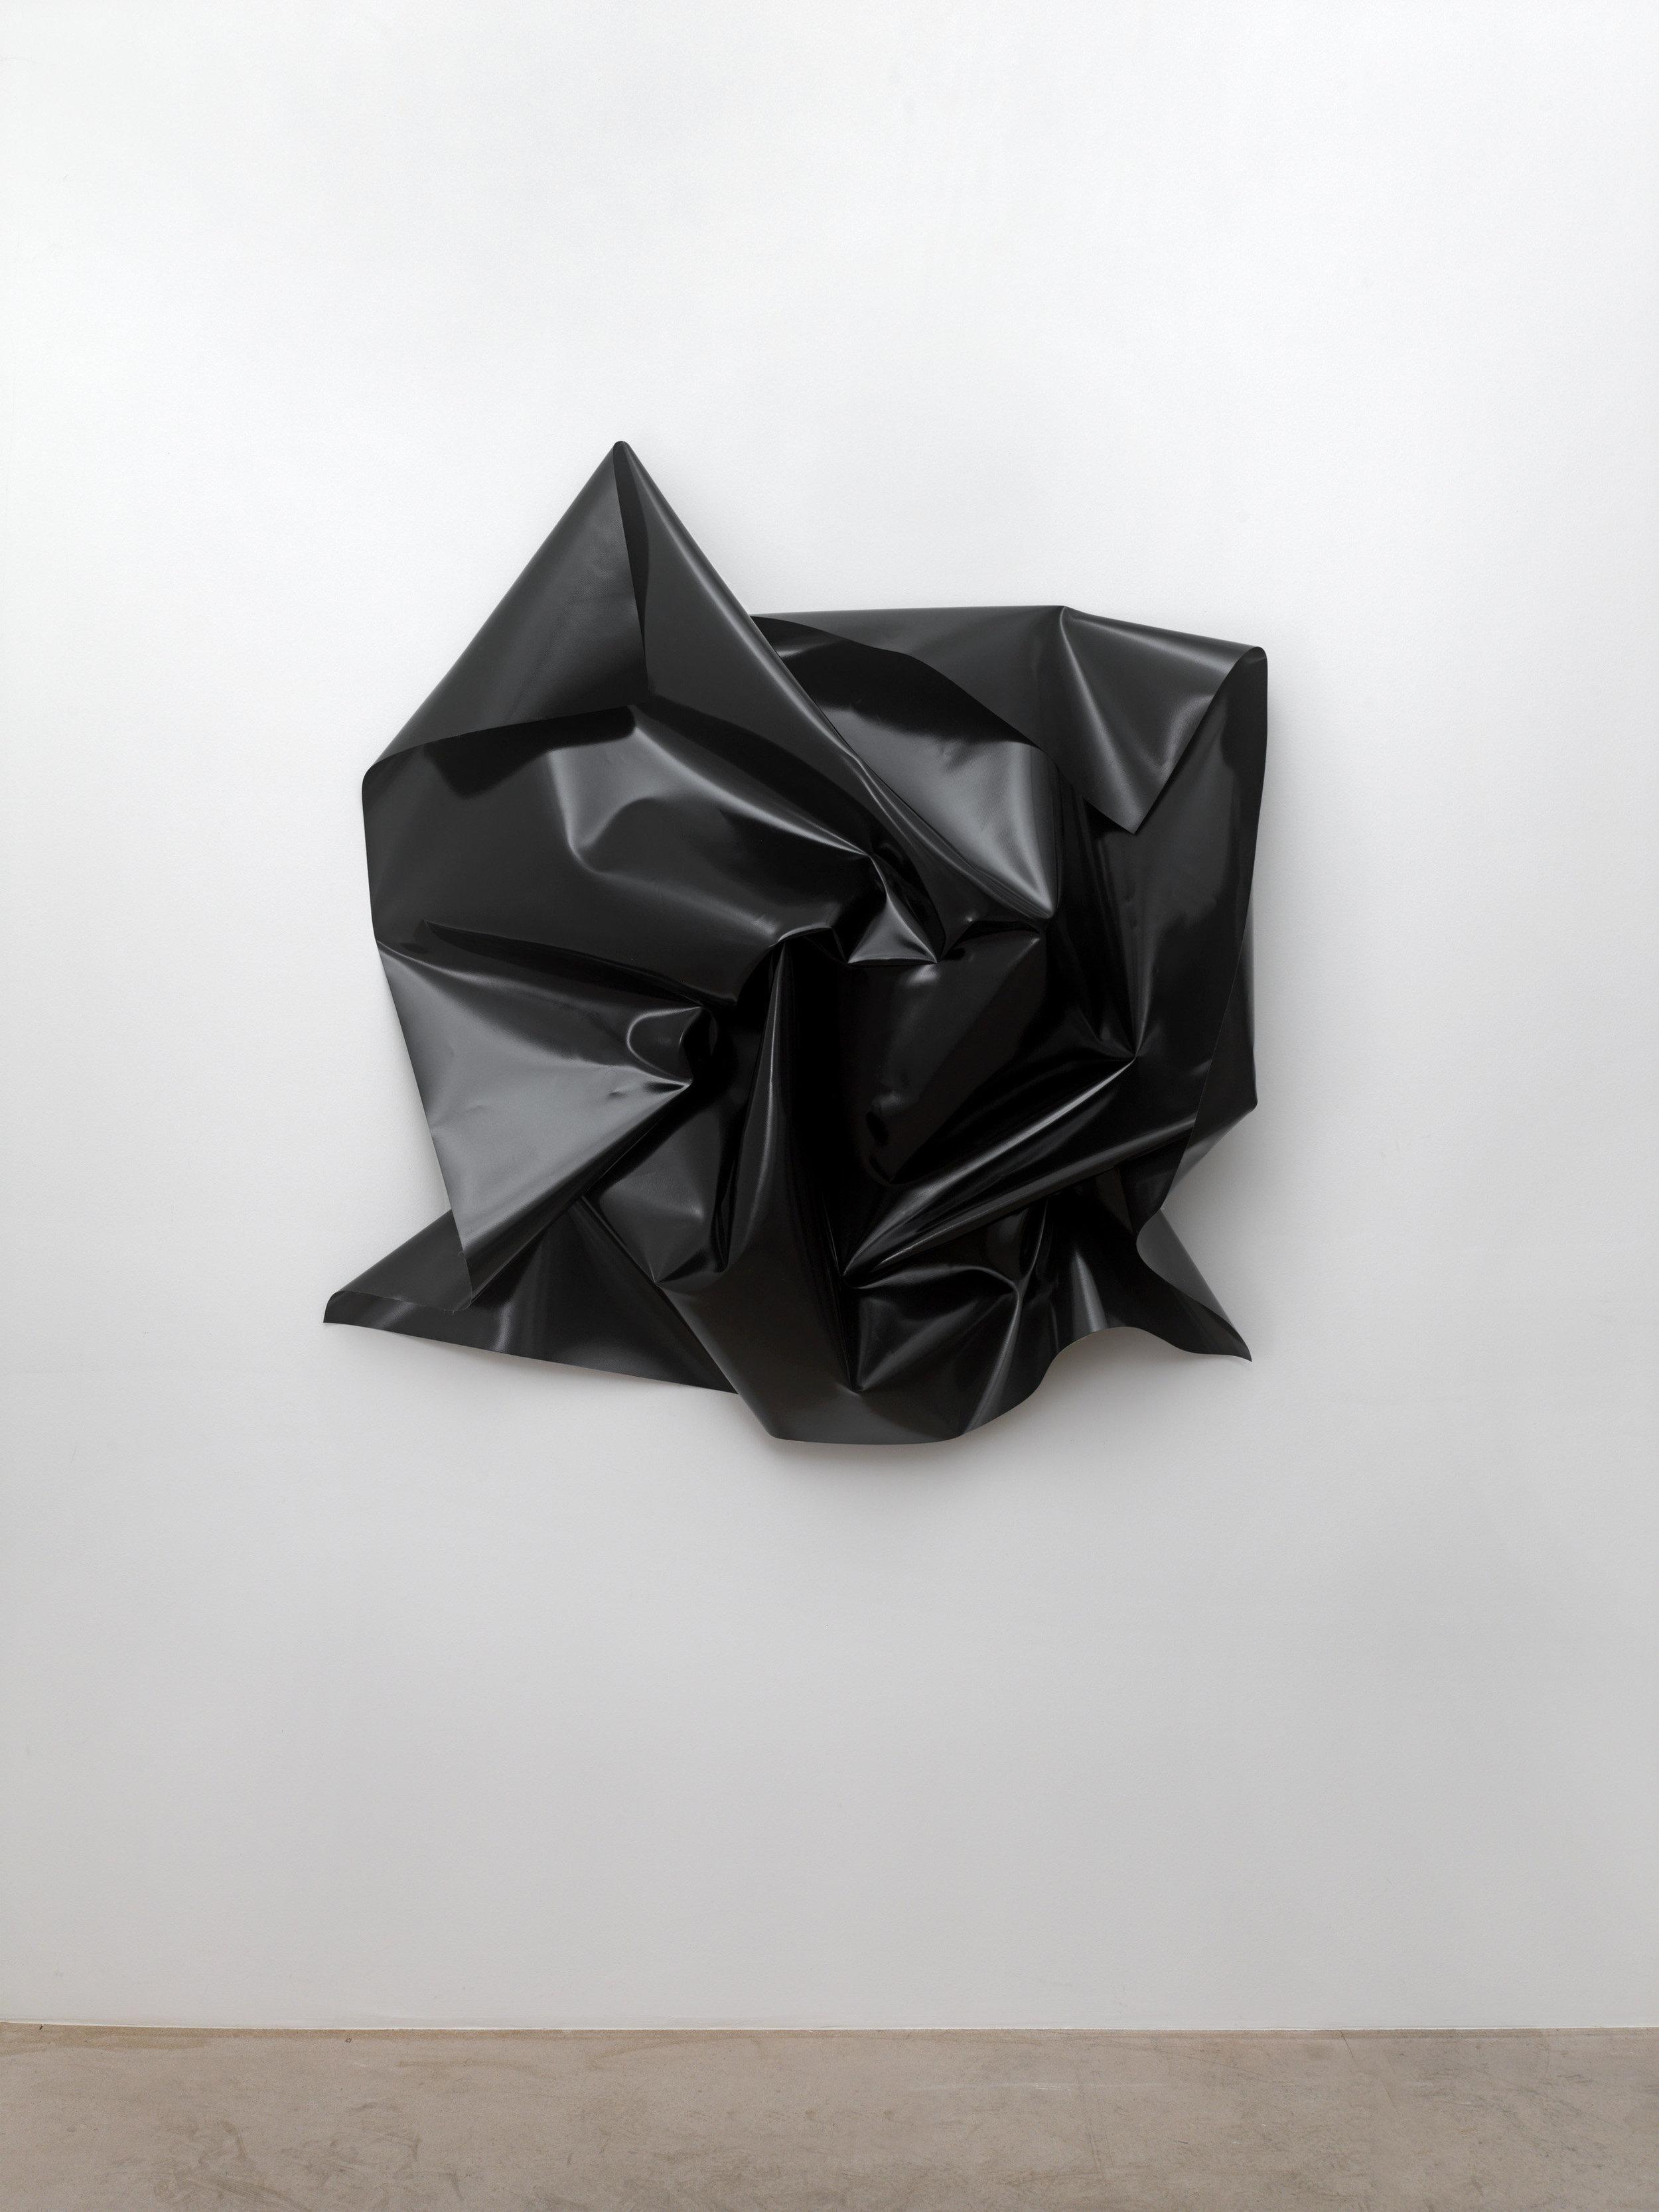 Kirstin Arndt,  Untitled , 2007, truck tarpaulin, 135 x 135 x 30 cm. Photo: Achim Kukulies